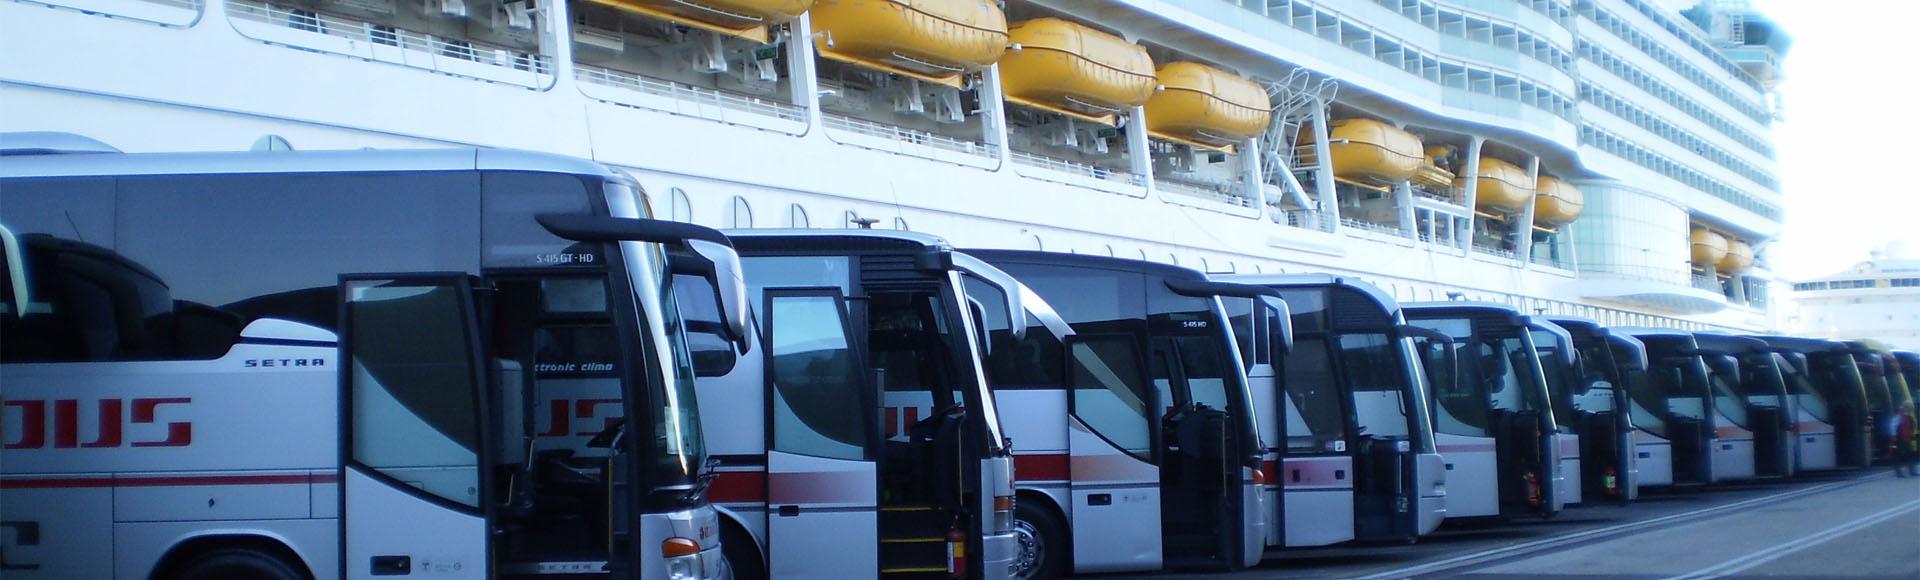 Civitavecchia port to Rome transfer By Bus